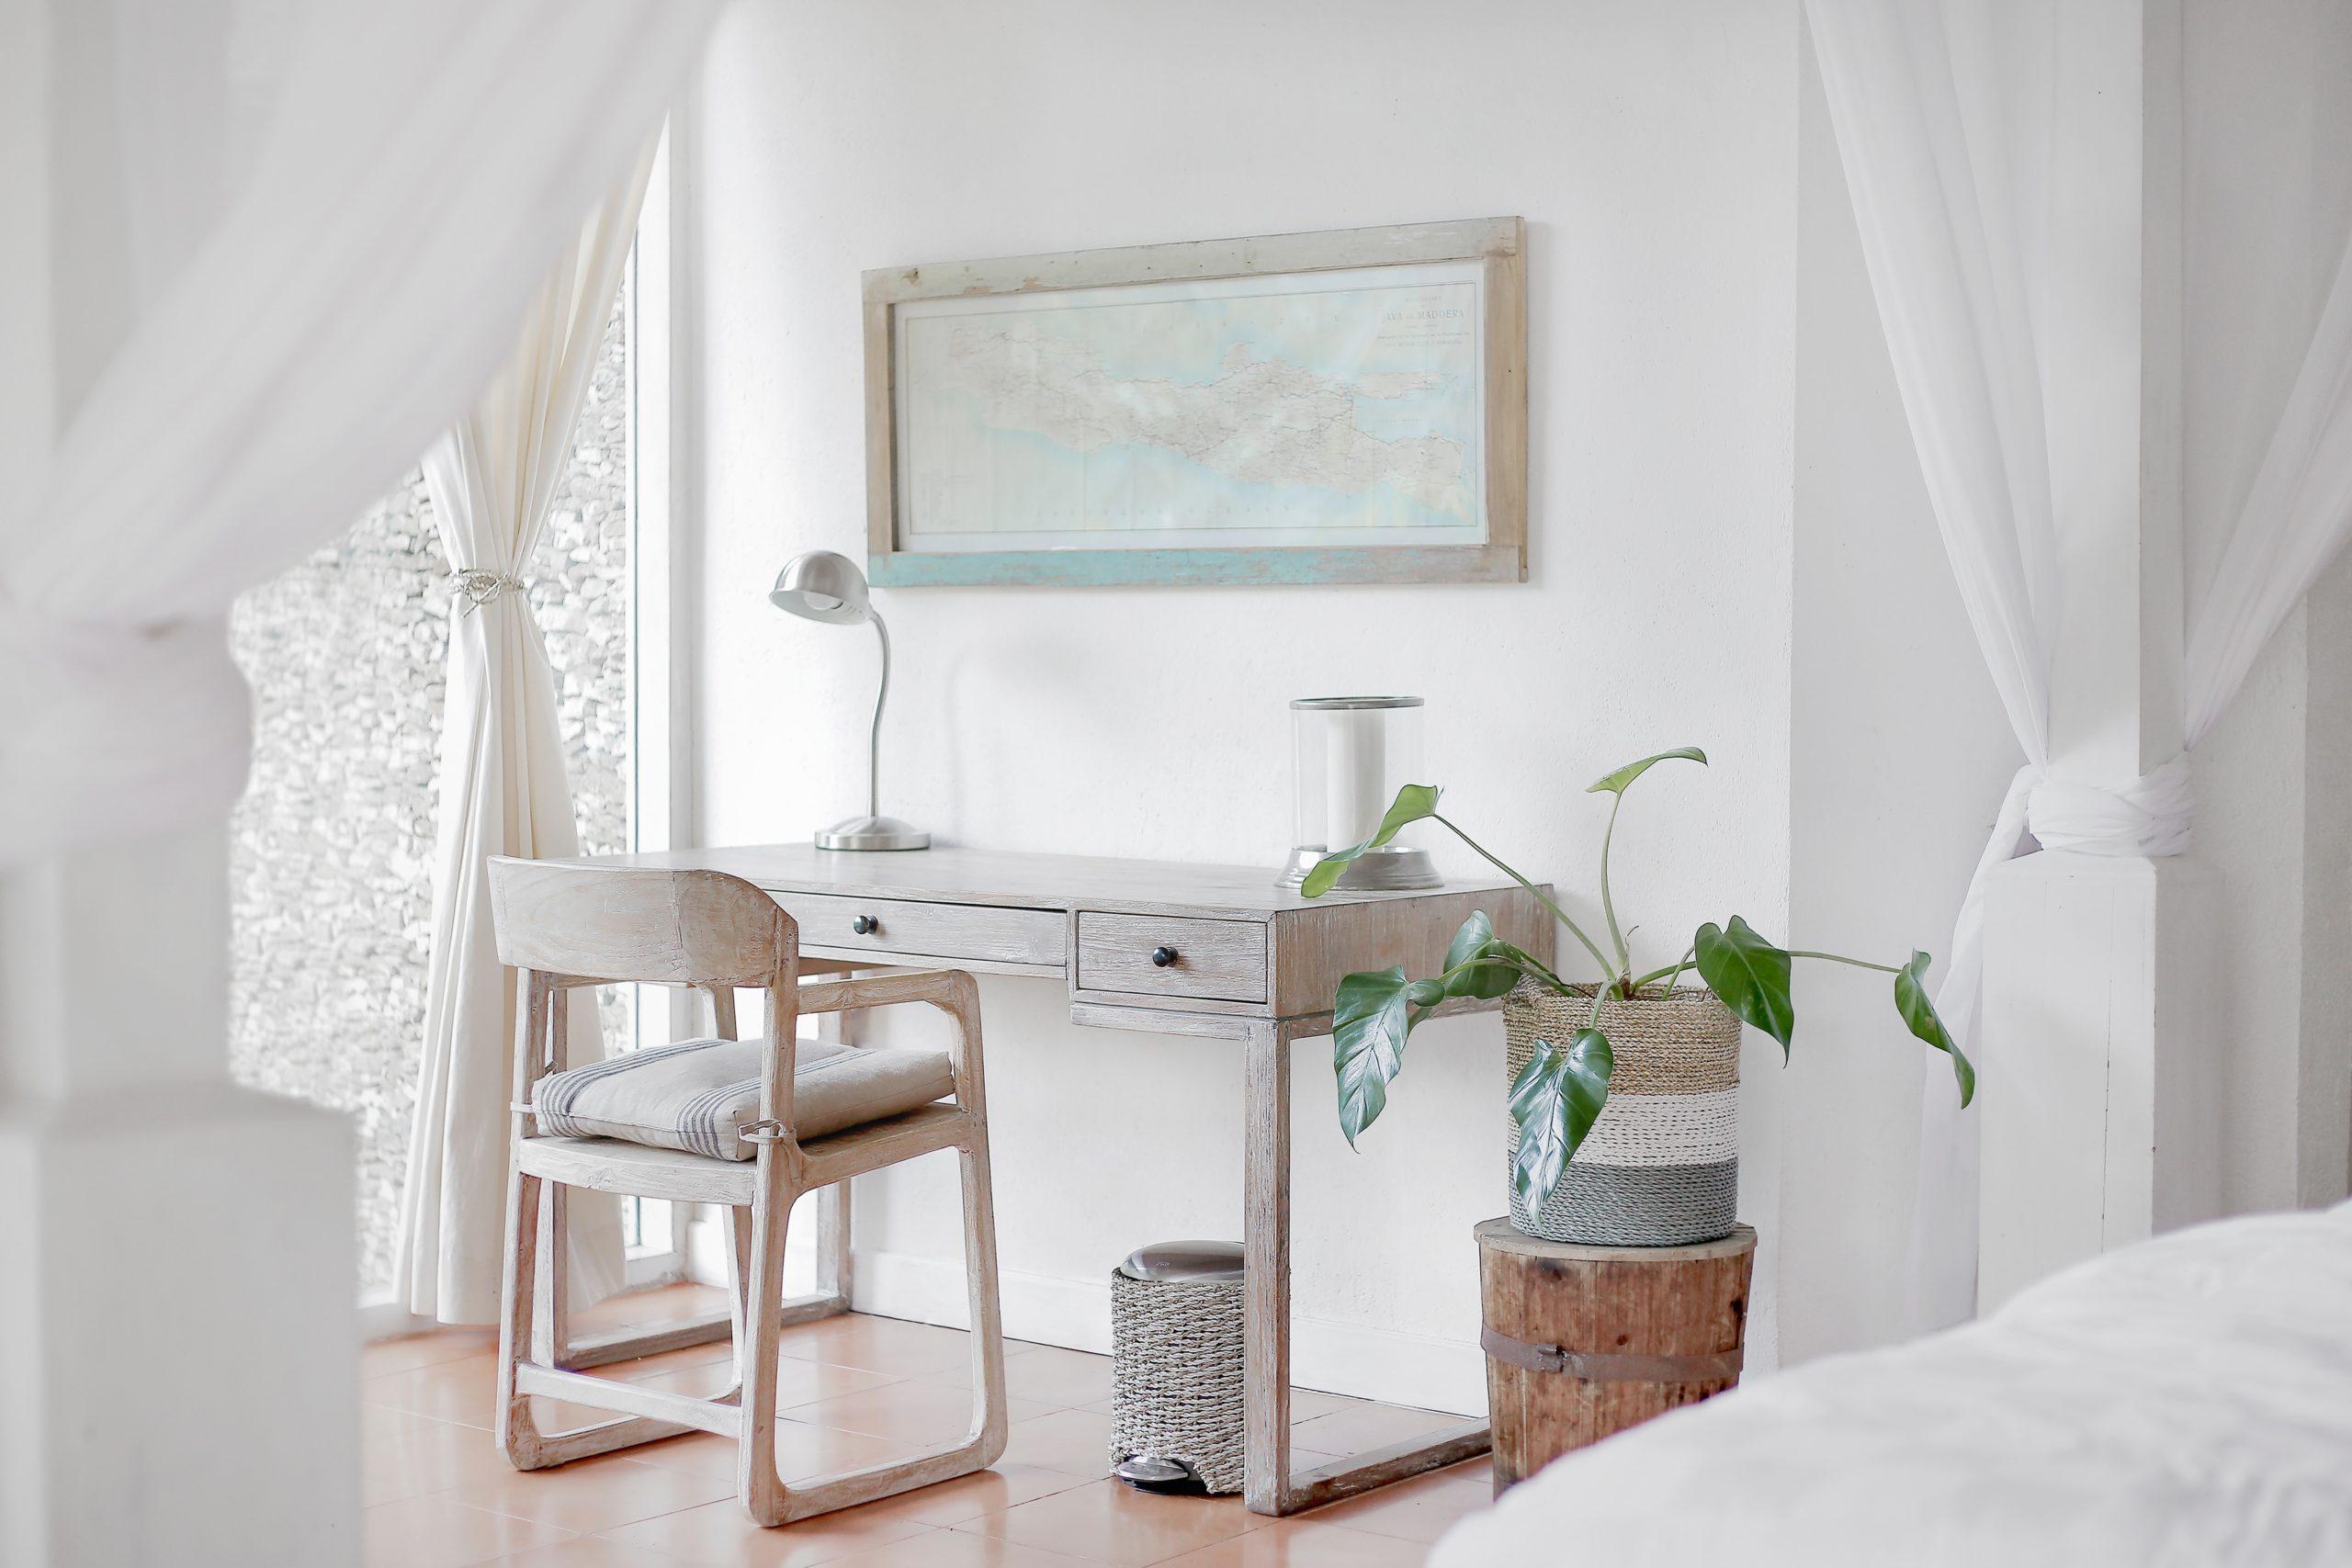 Saldi estivi 2019 arredamento home office nei toni del bianco